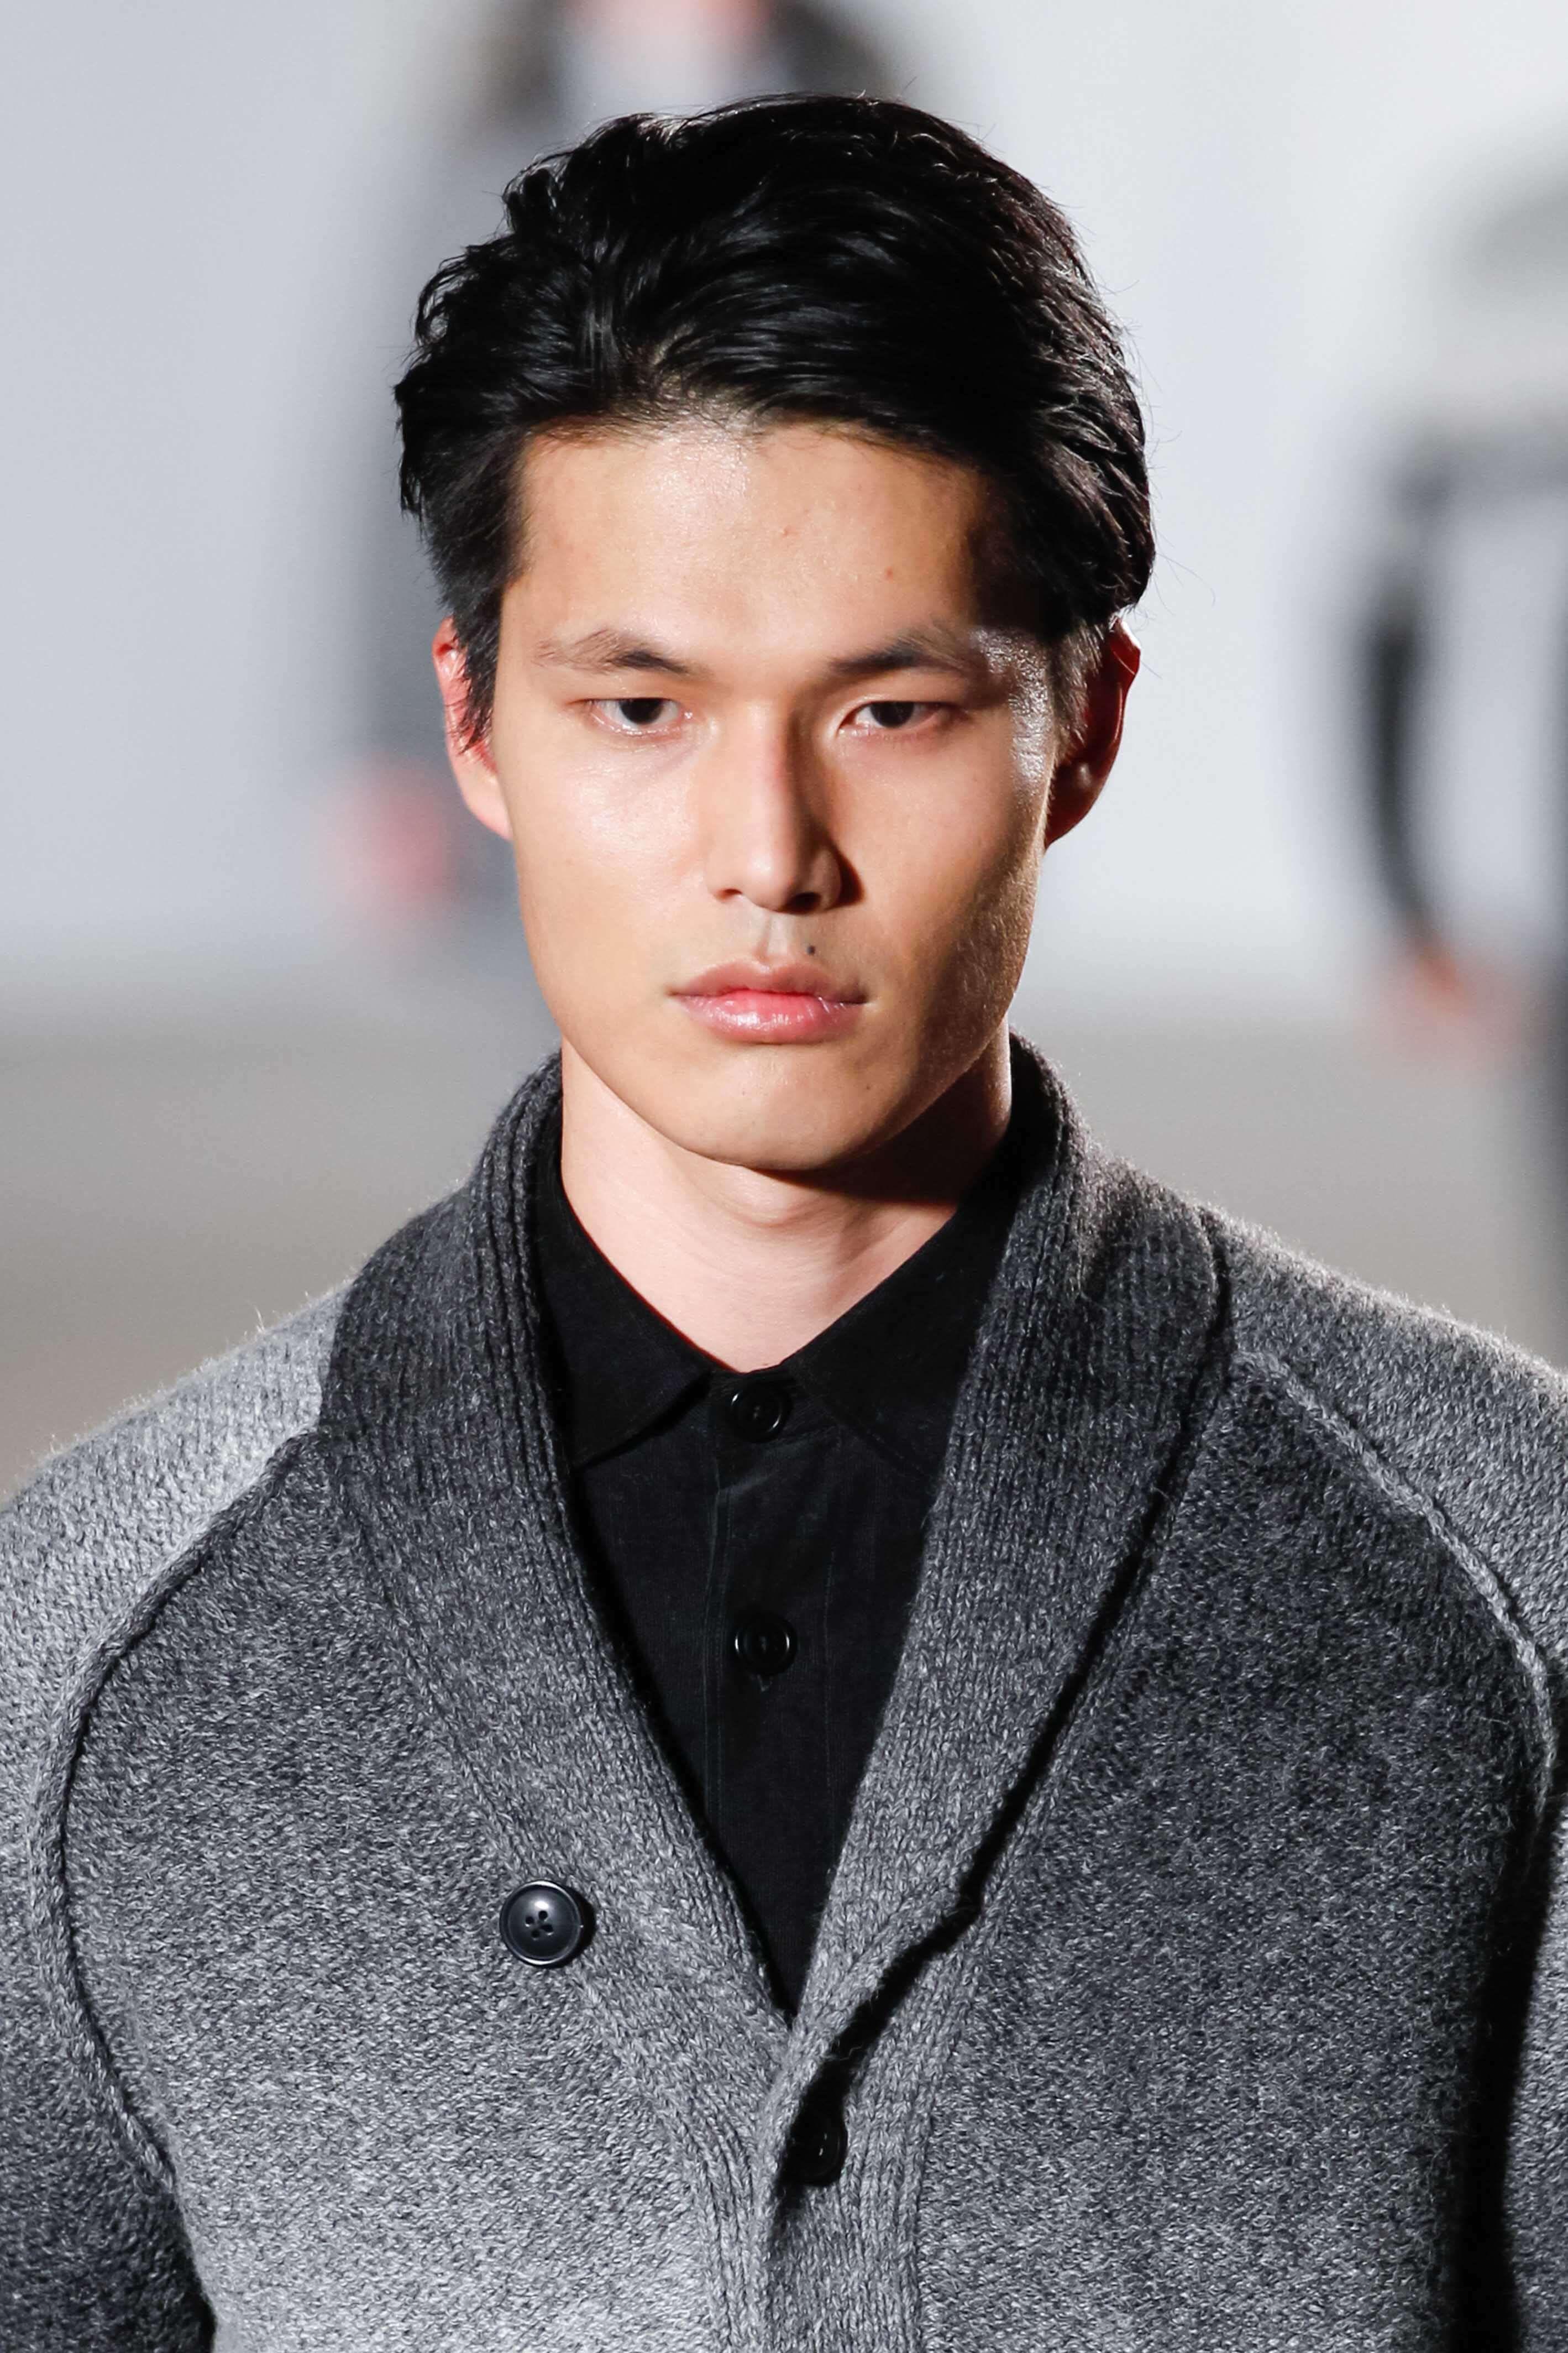 Schone Manner Mittlere Frisuren Frisur Asiatische Mannerfrisuren Asiatische Frisuren Koreanische Frisuren